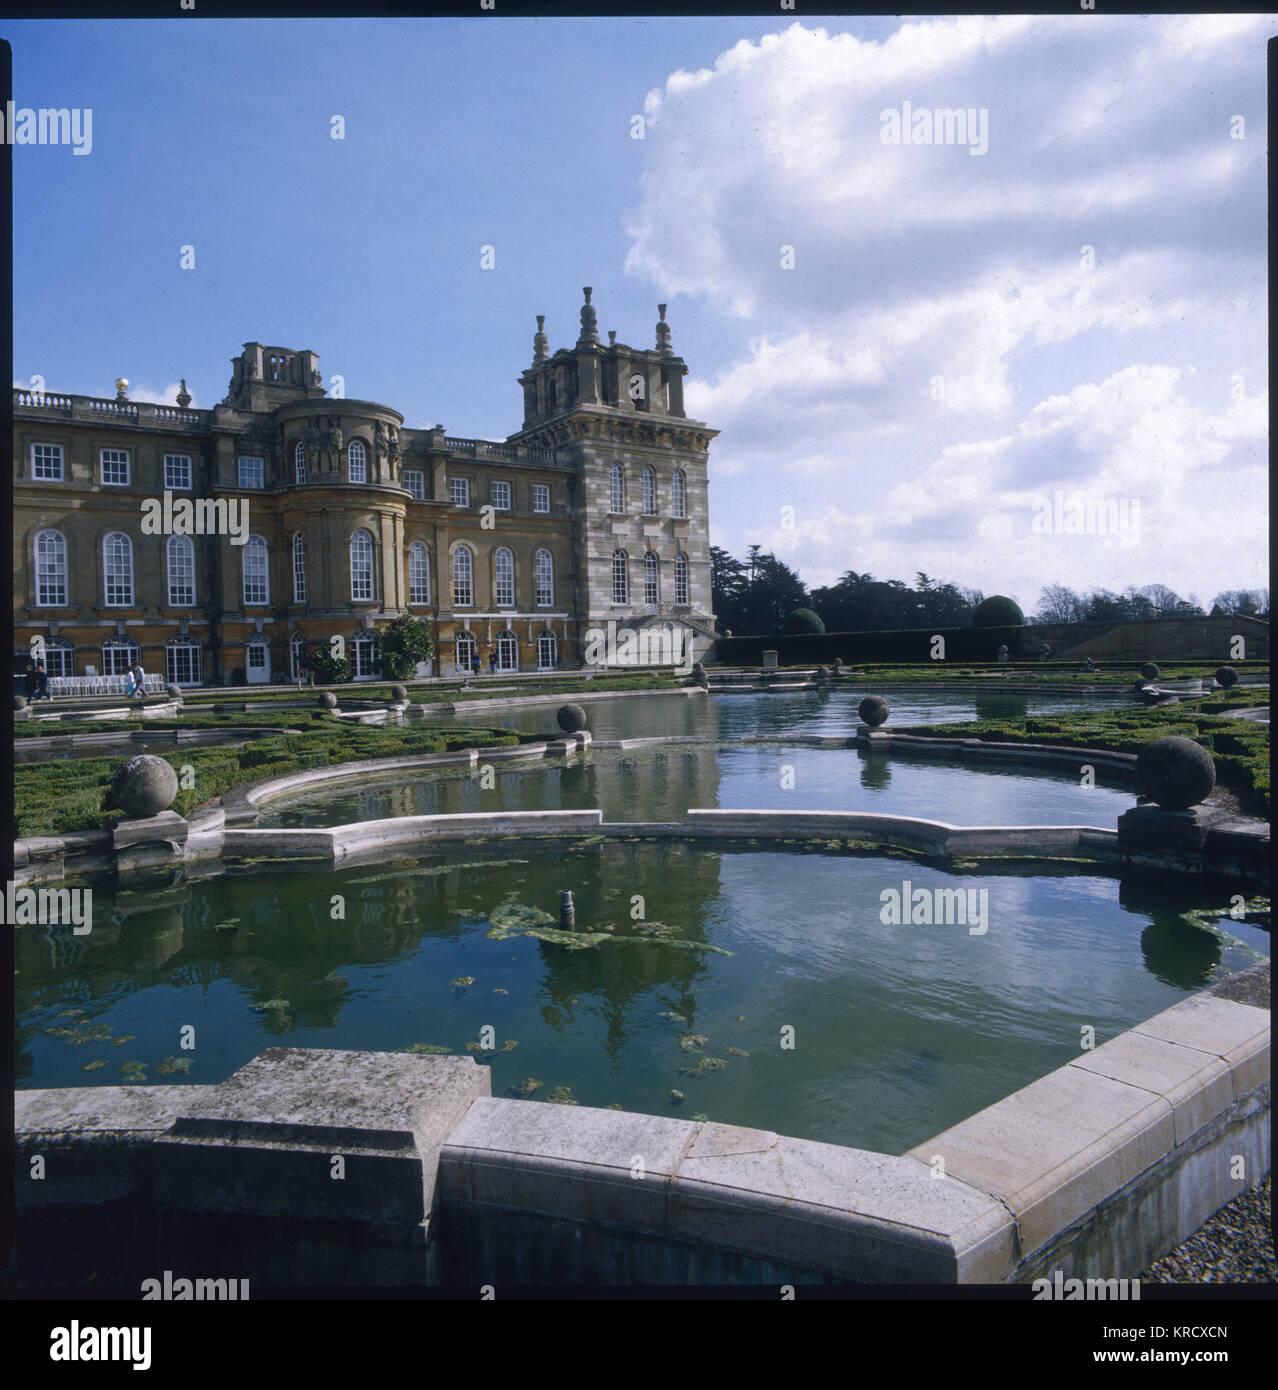 Le magnifique Palais de Blenheim dans l'Oxfordshire, construit par la reine Anne pour le 1er duc de Marlborough Photo Stock